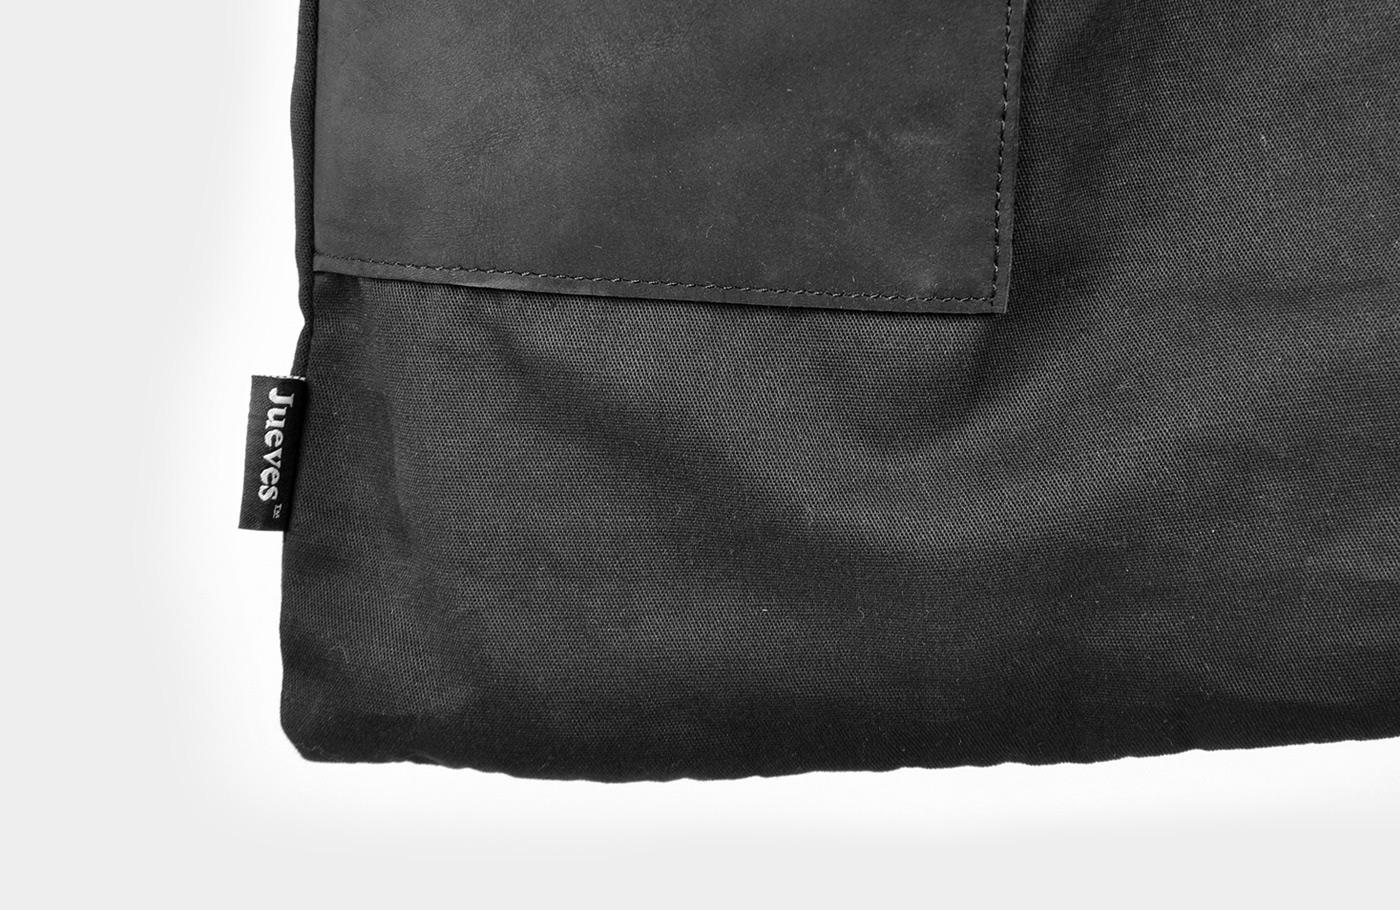 Image may contain: handbag, luggage and bags and pocket